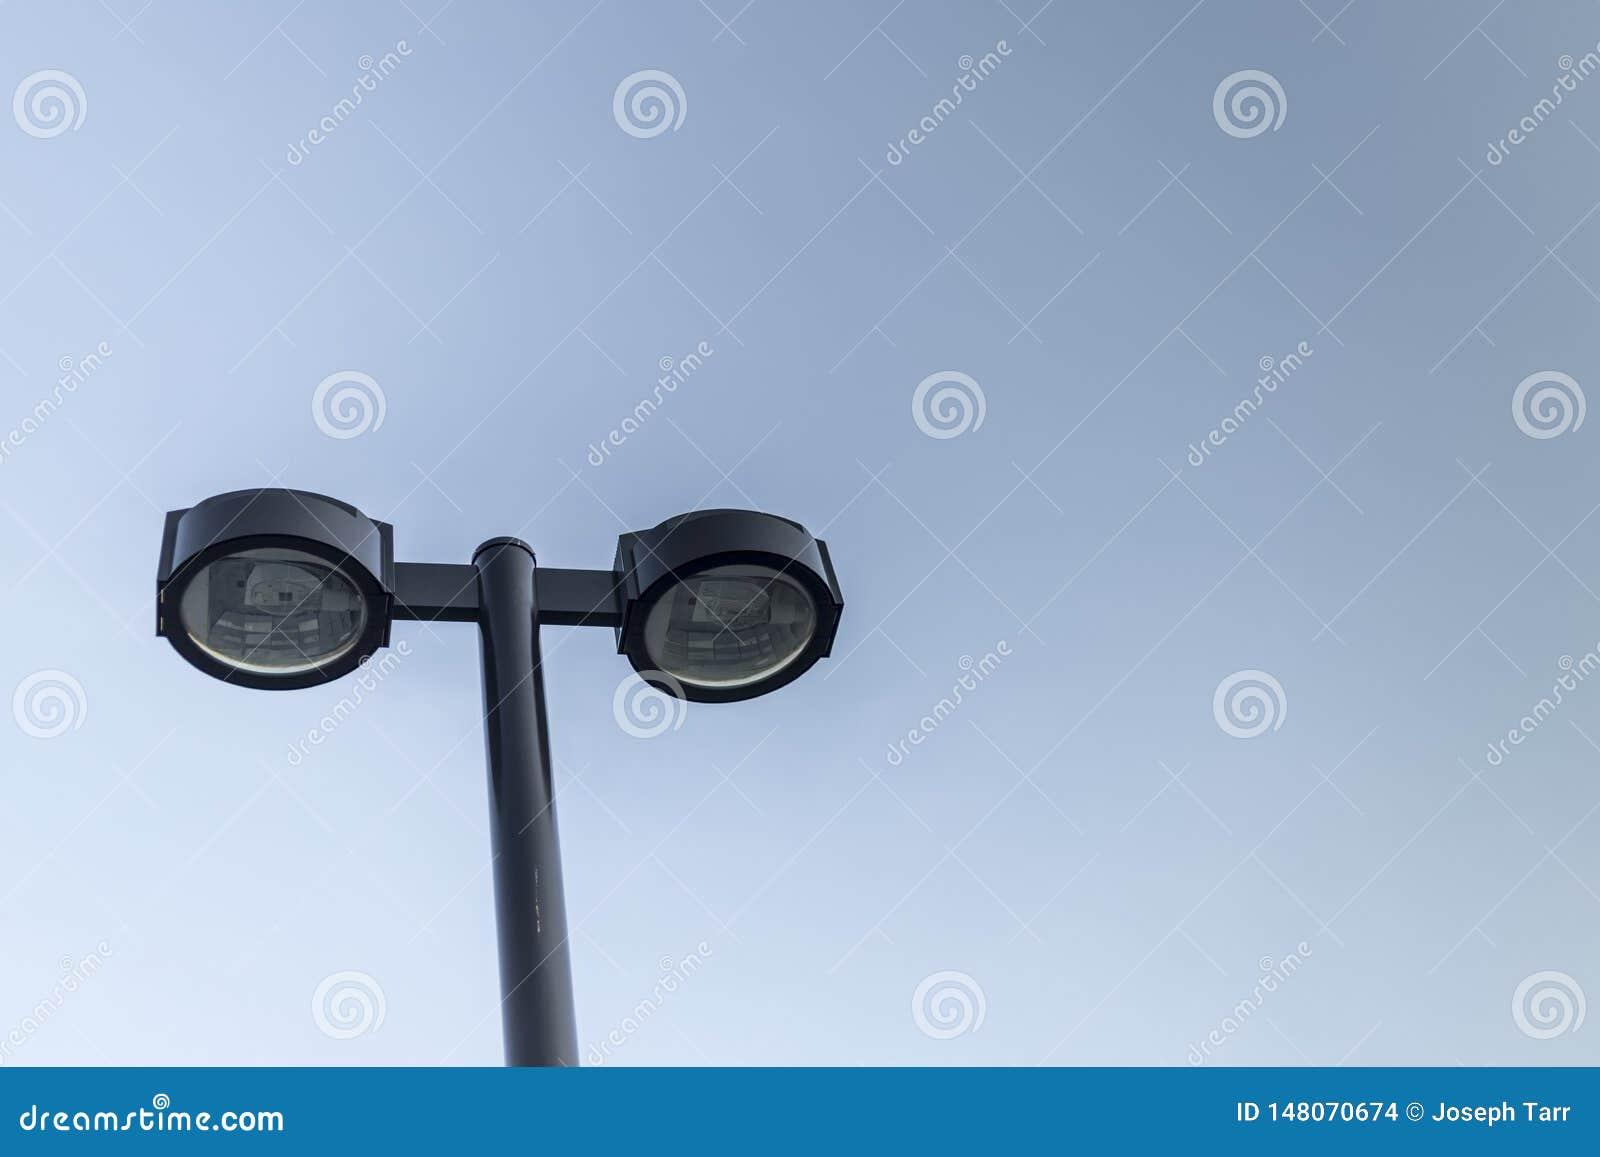 Lámpara de calle doble sobre el cielo azul claro con CopySpace